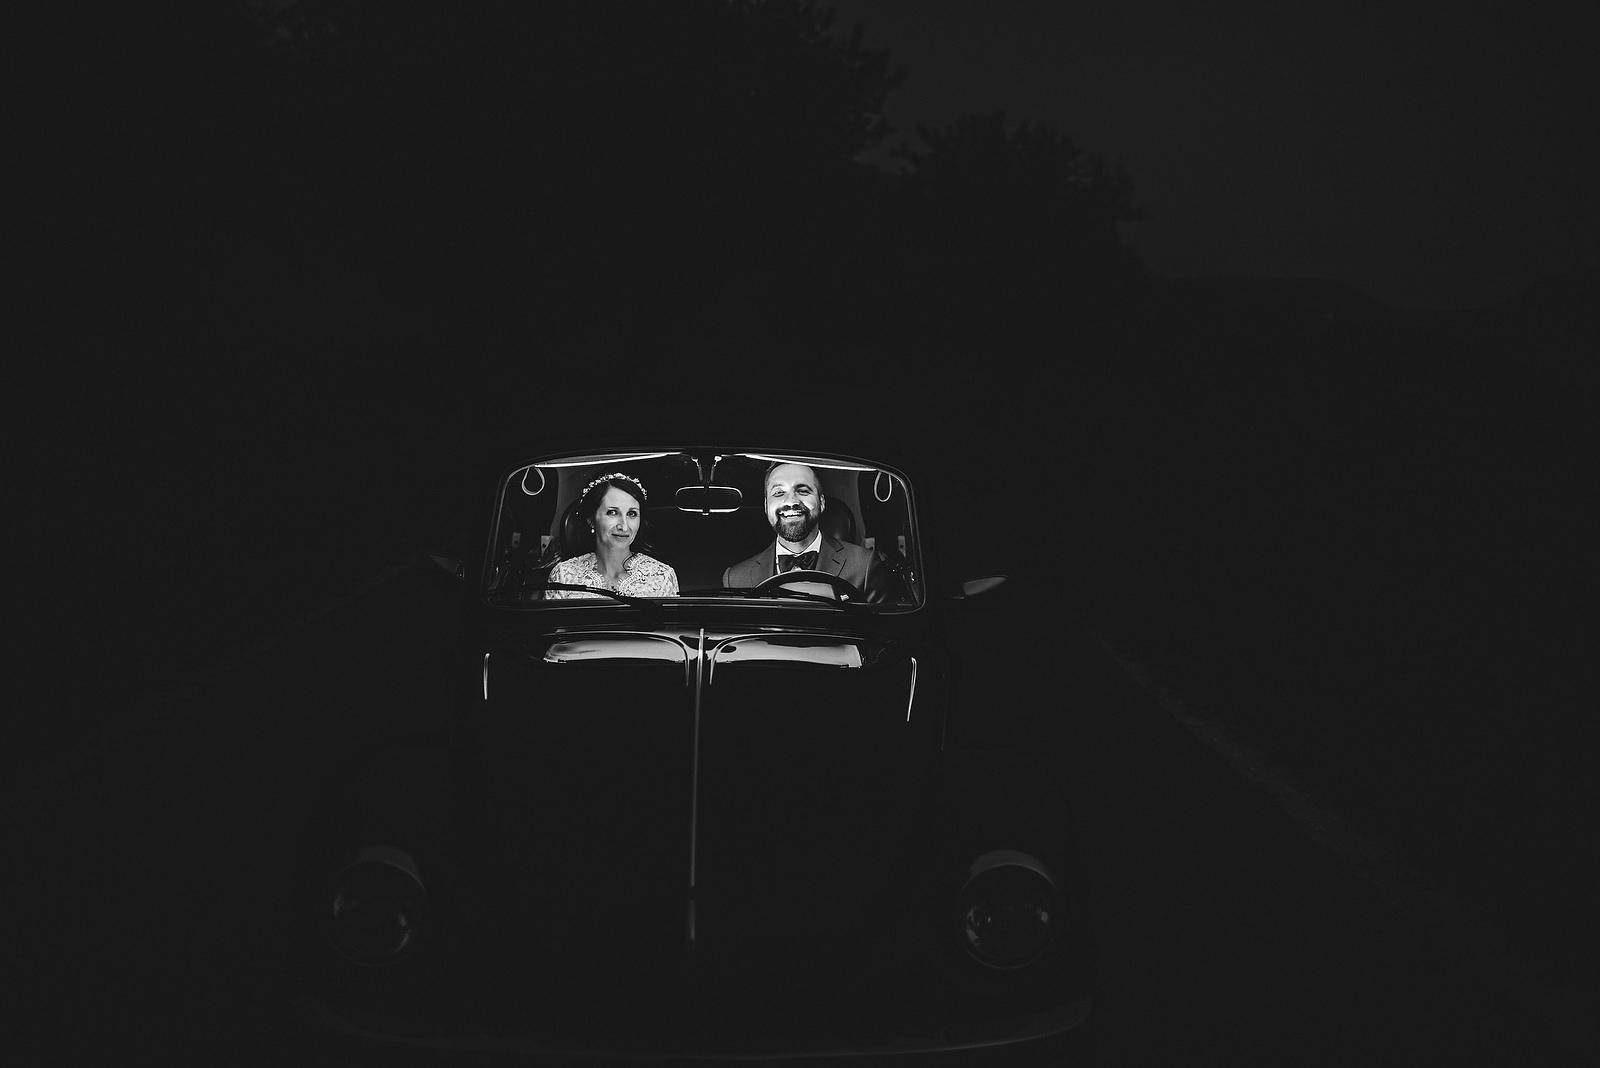 Fotograf Konstanz - Hochzeitsfotograf Reutlingen Achalm Hochzeit EFP 88 - Documentary wedding story on the Achalm, Reutlingen  - 74 -